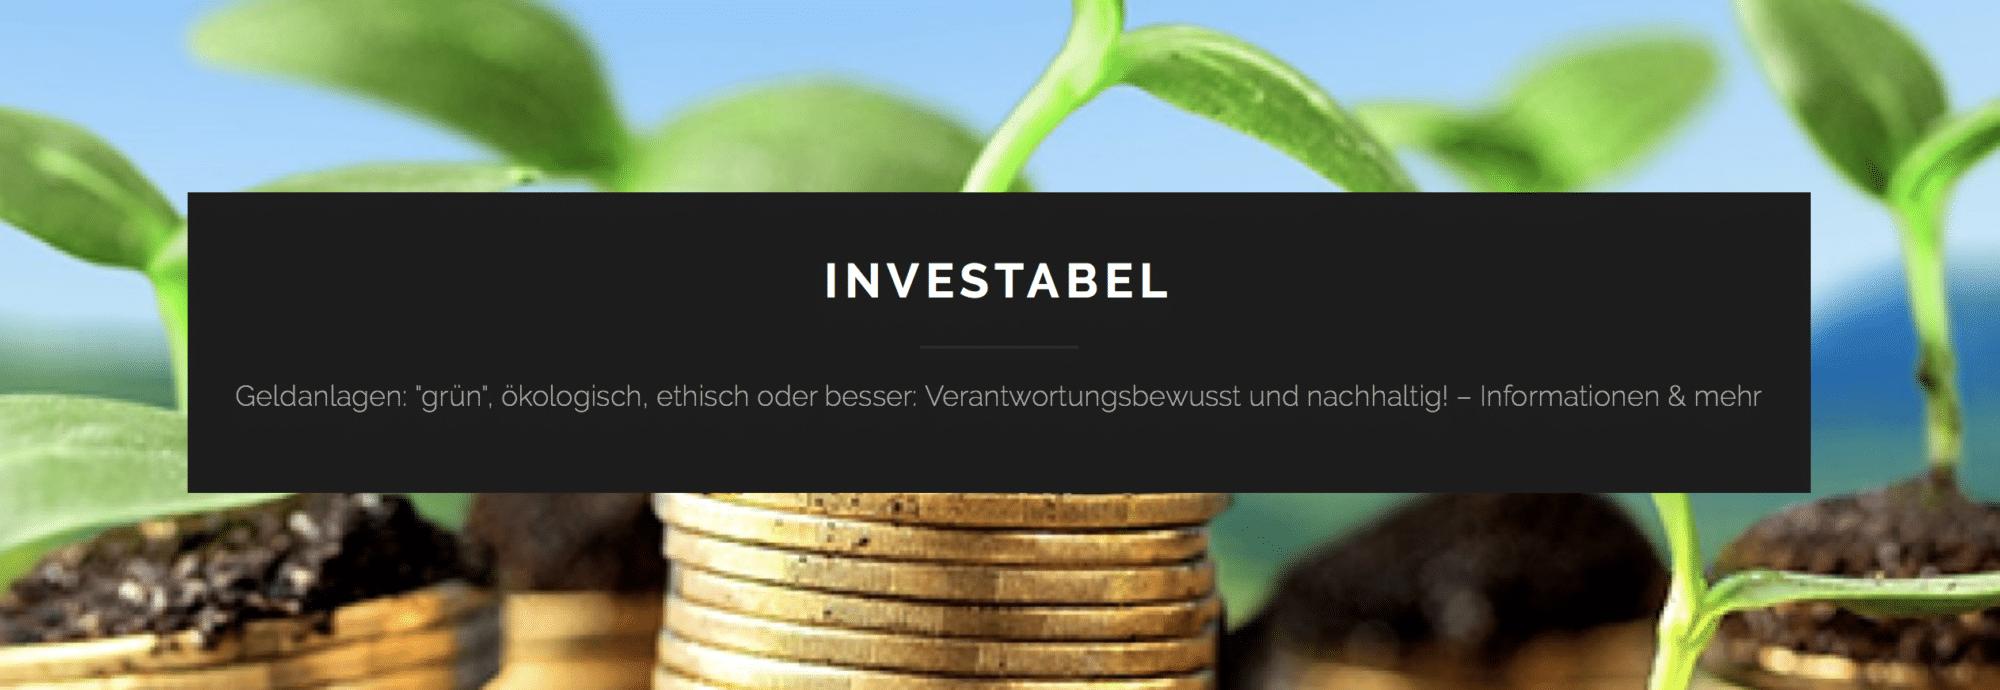 FinTech Vorstellung Investabel